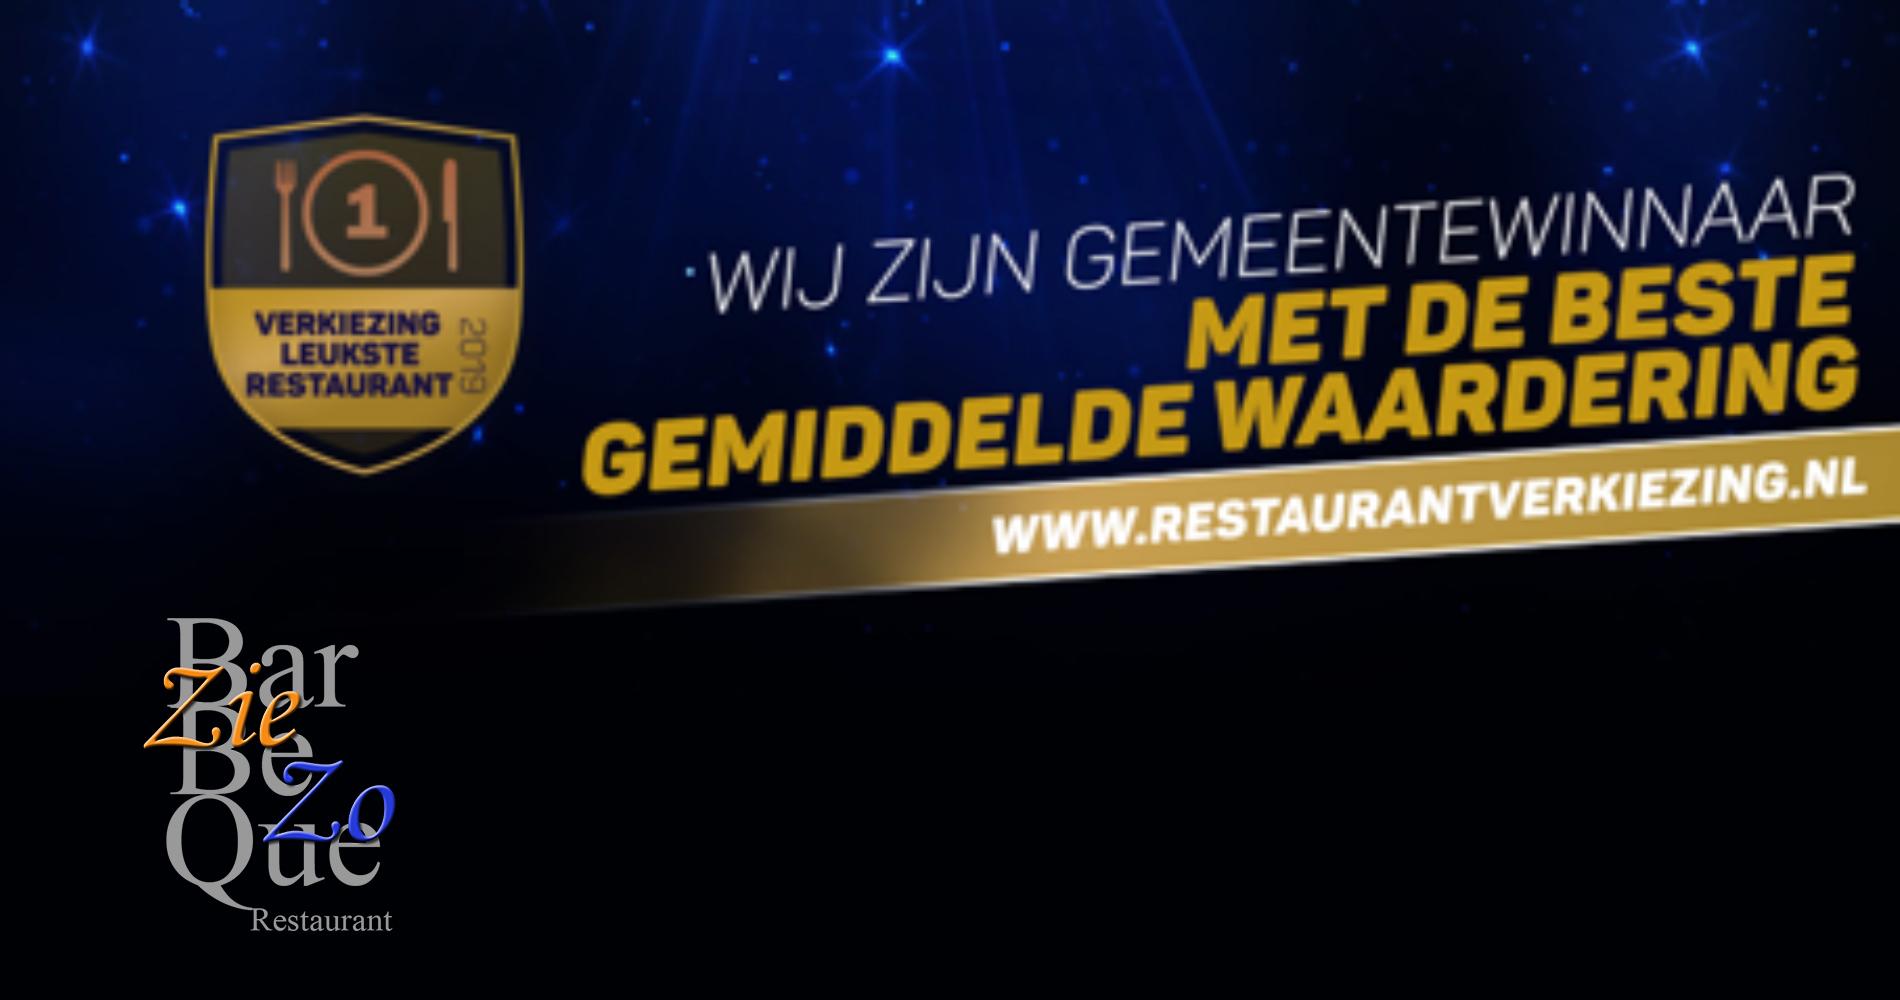 Leukste restaurant!